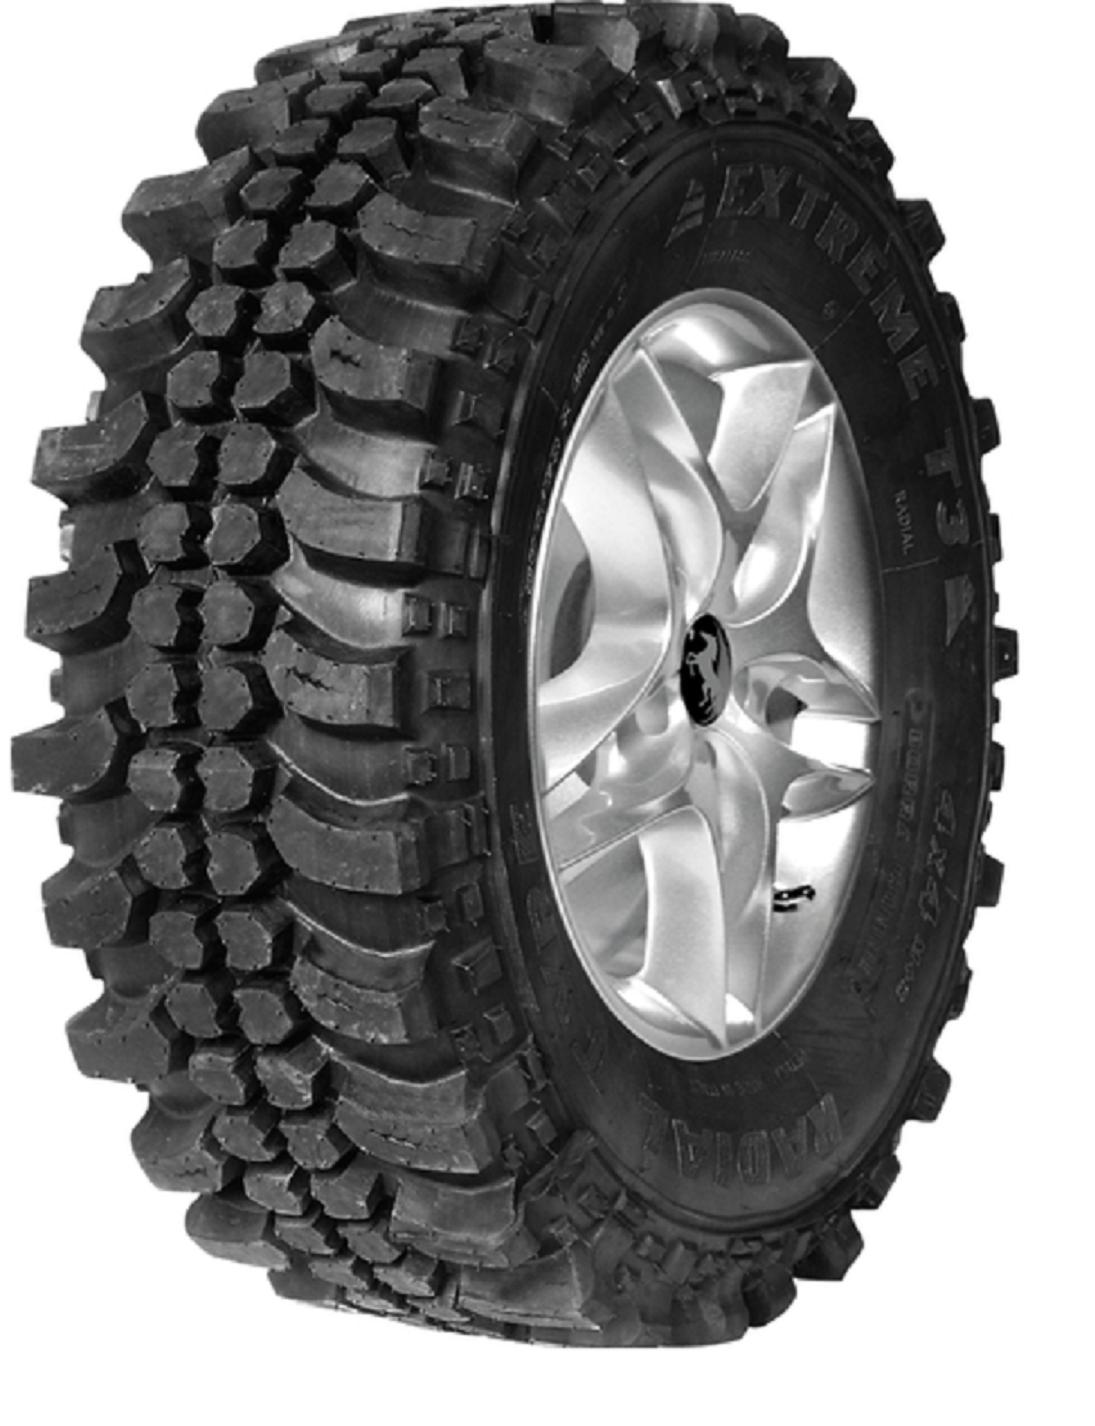 Poľovnícka offroad pneumatika T3 205/70 R15